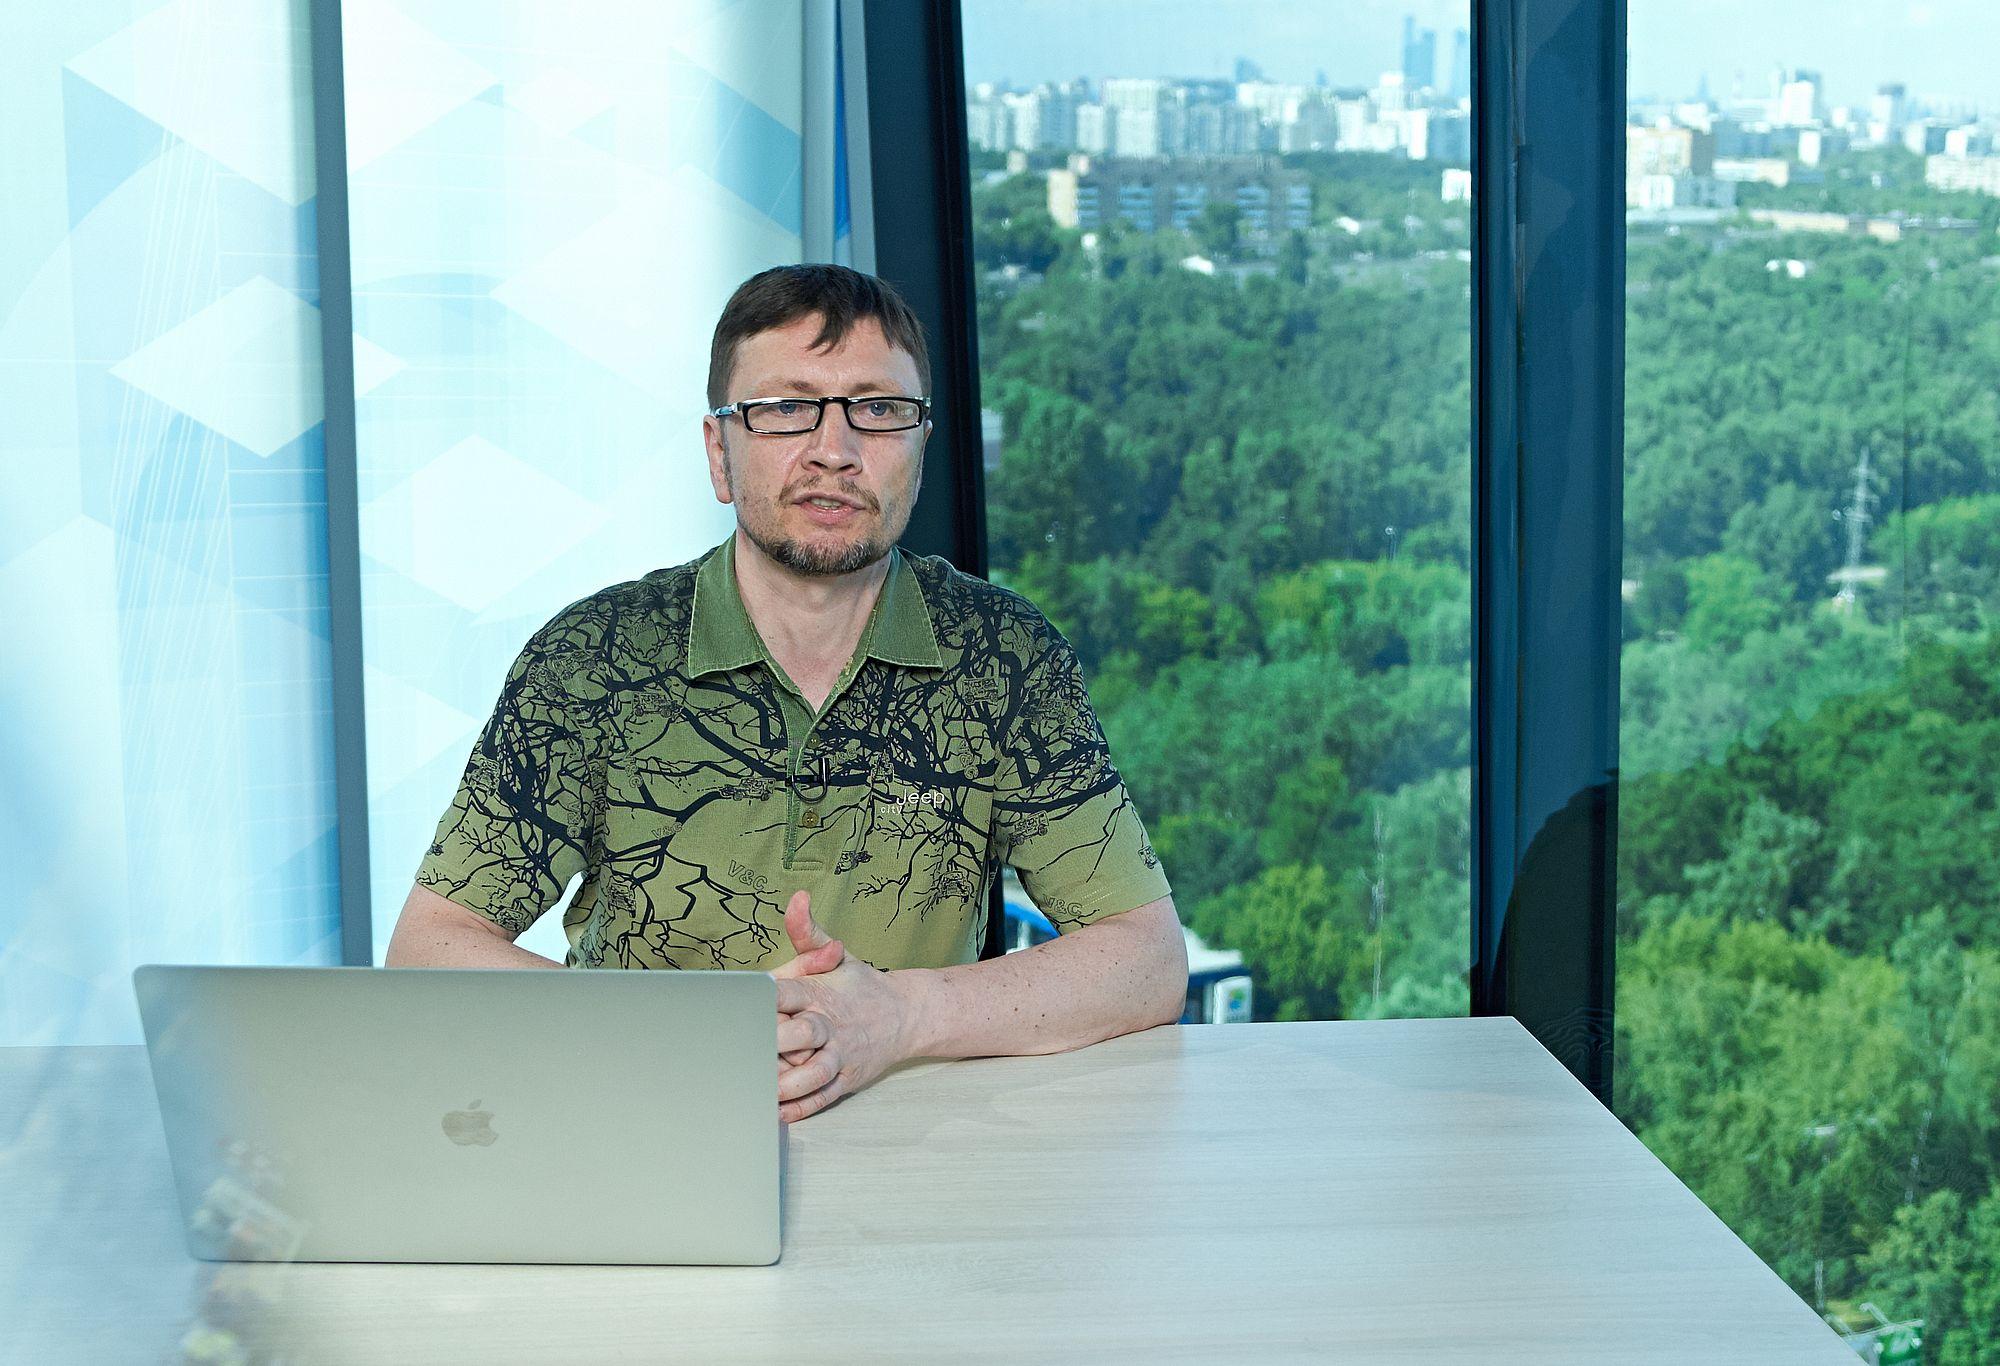 Почему Виталик Бутерин проклял крупные криптобиржи?